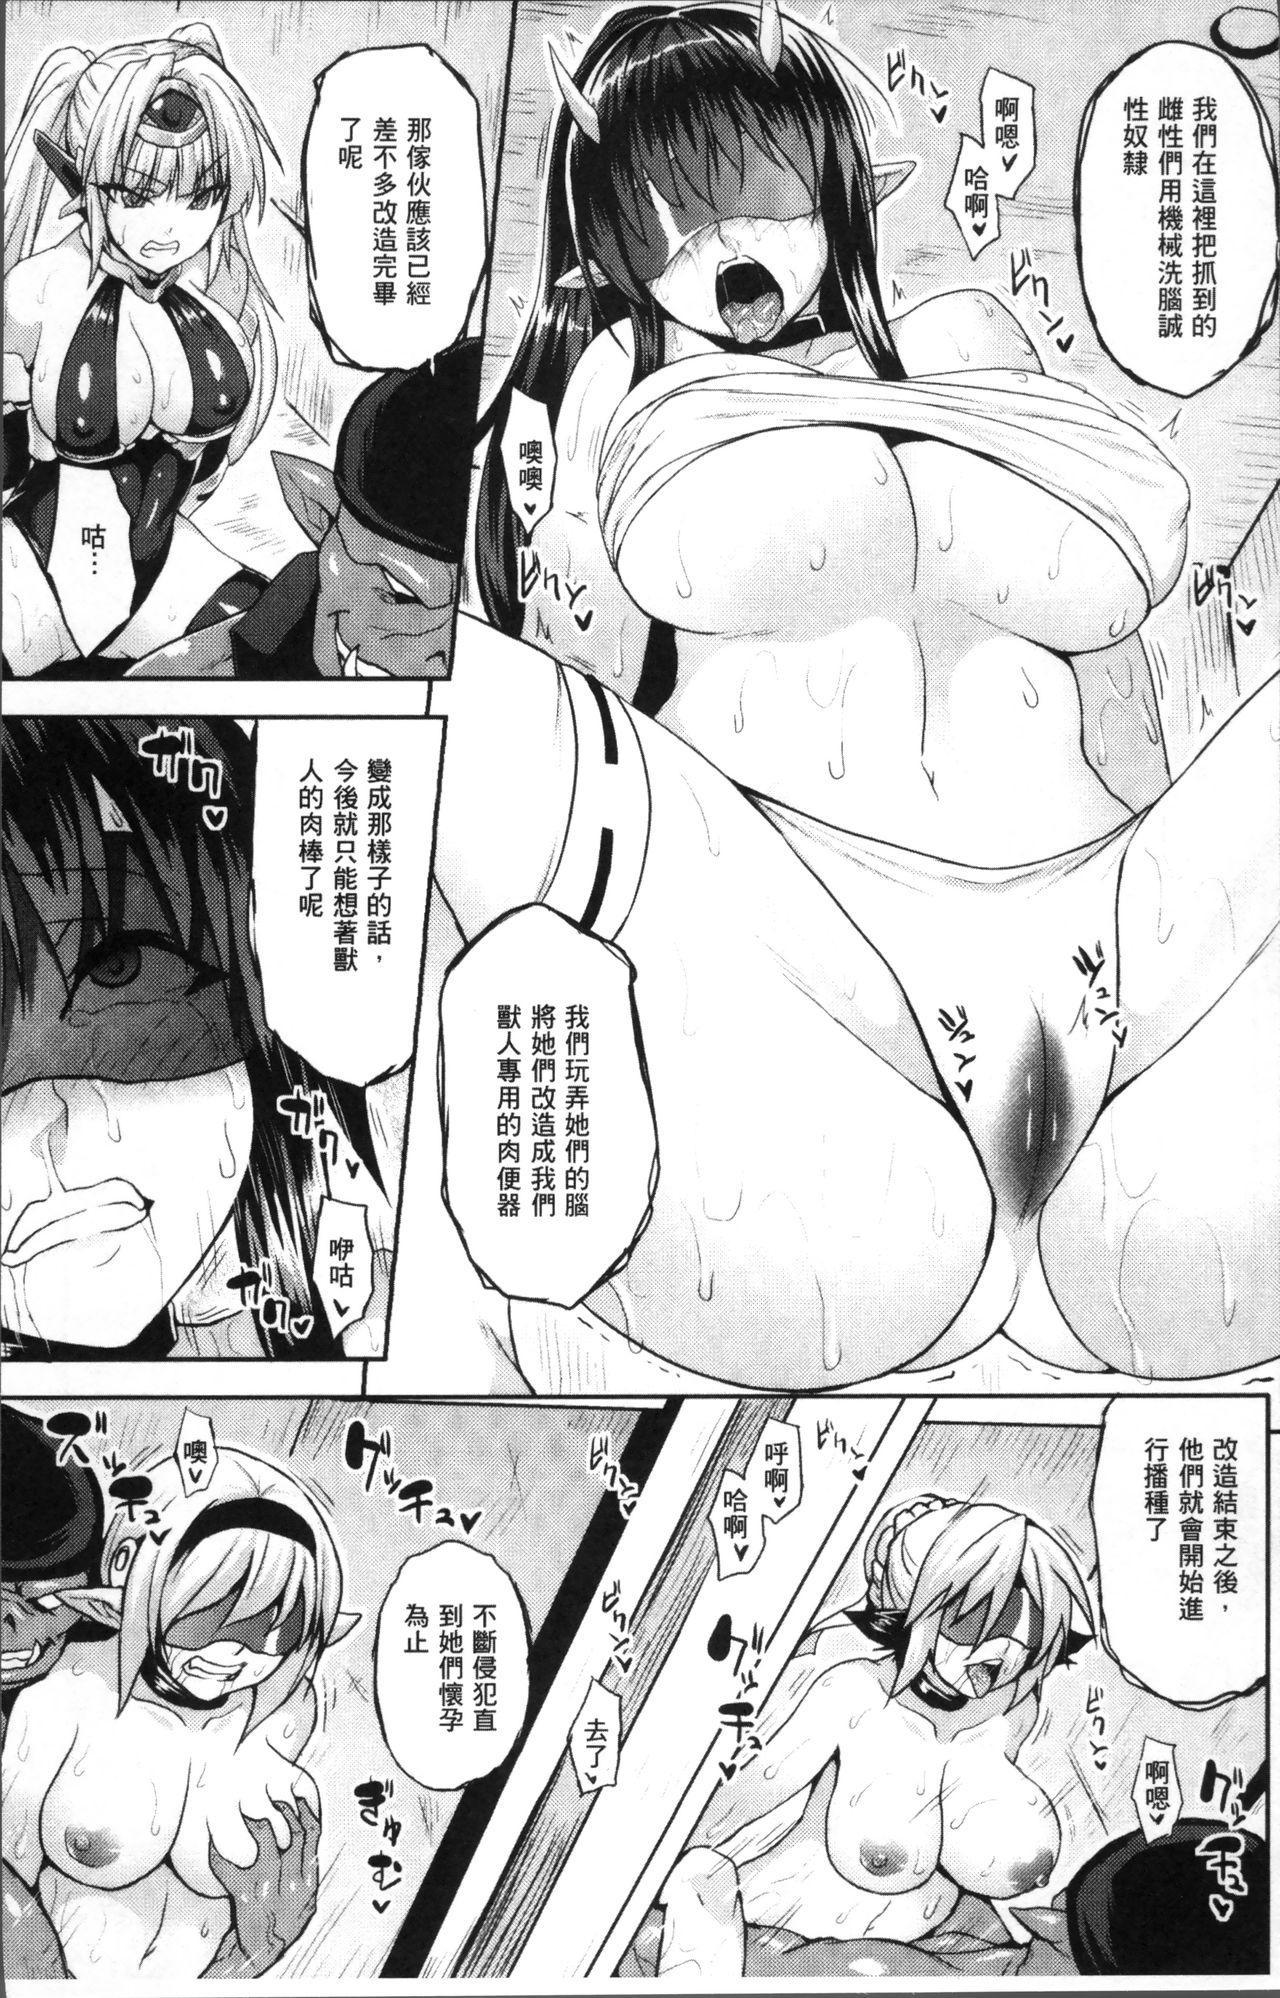 Bessatsu Comic Unreal Ningen Bokujou Hen 4 78